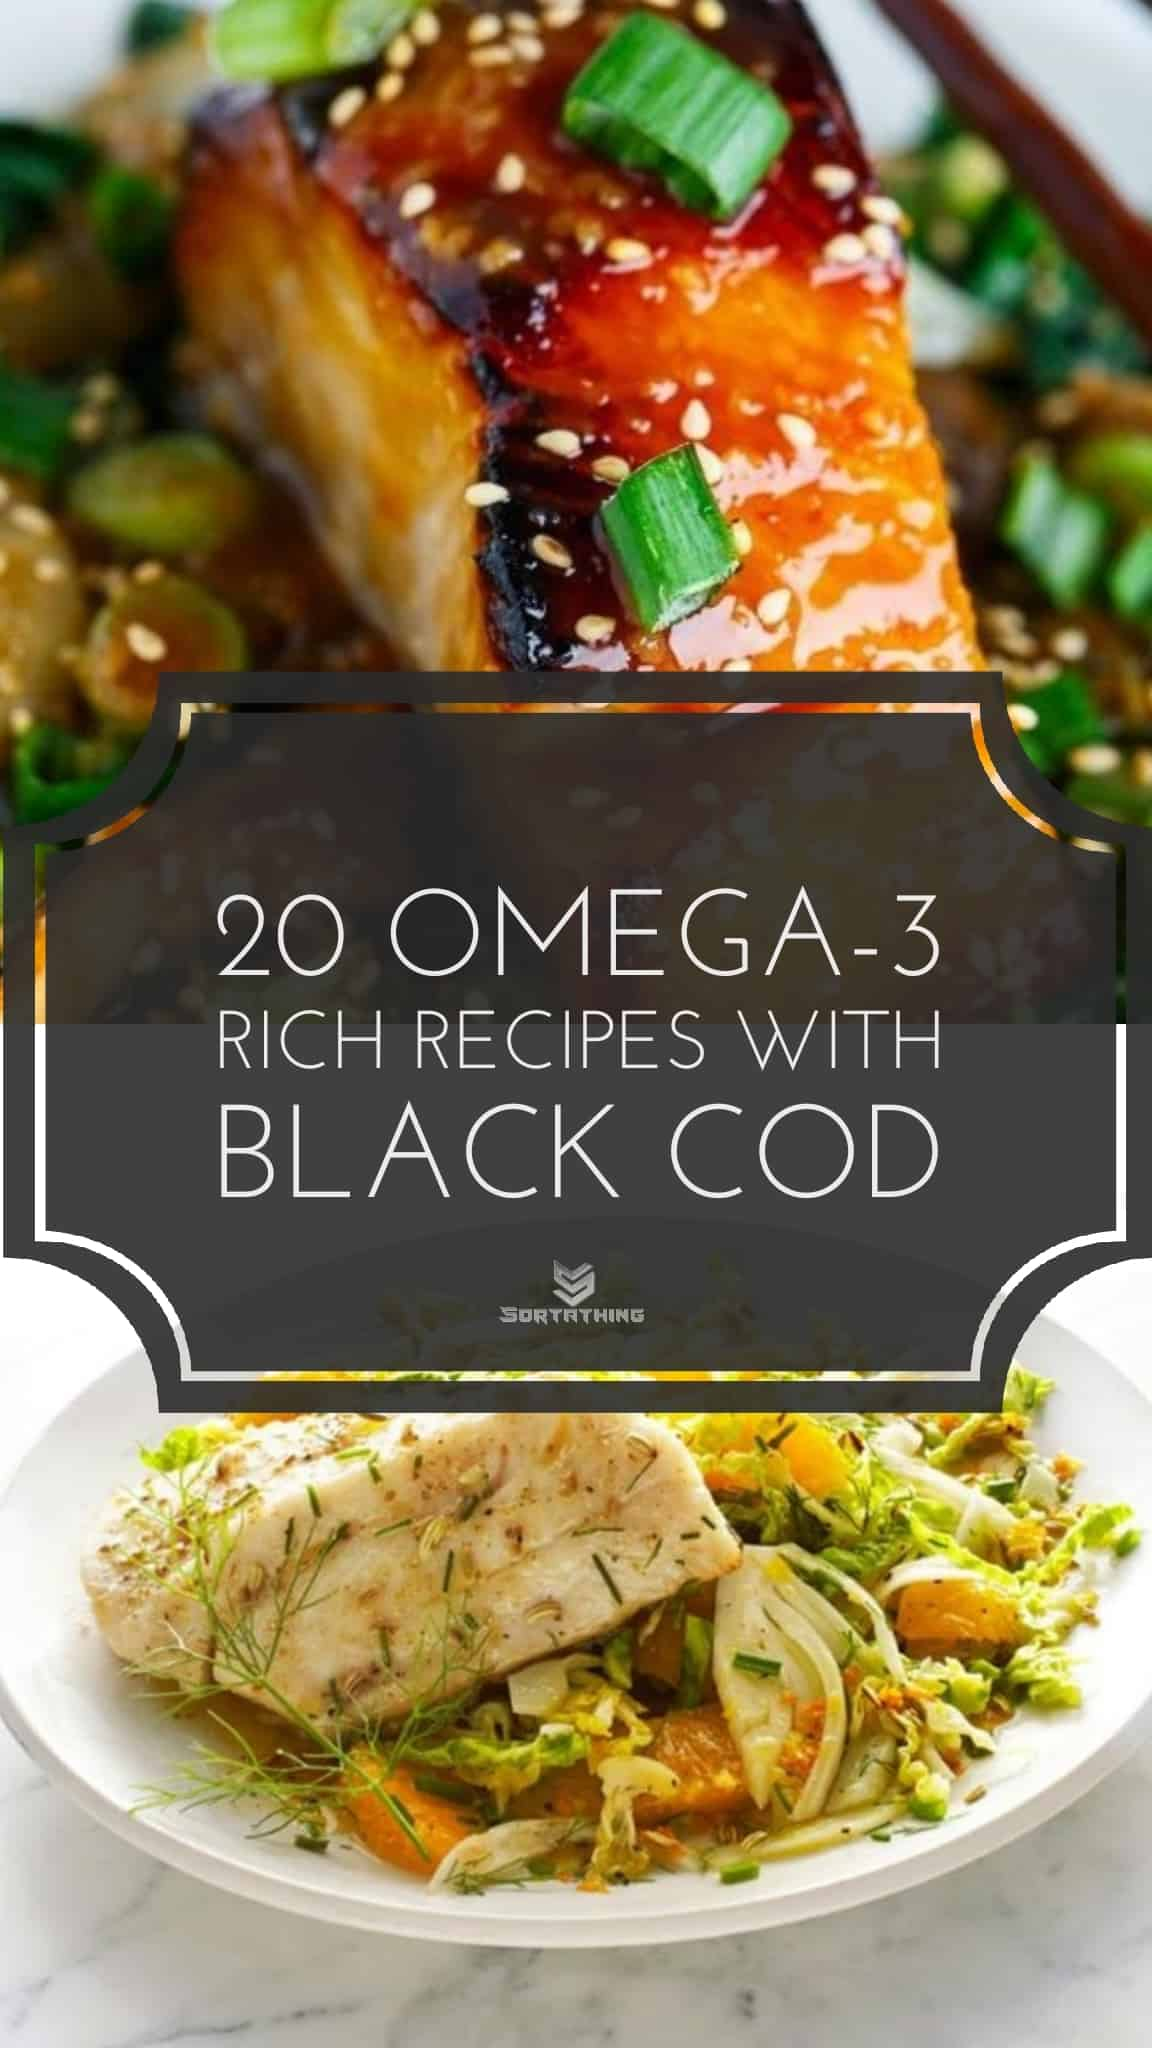 Miso Glazed Black Cod on Baby Bok Choy & Sablefish with Fennel Slaw